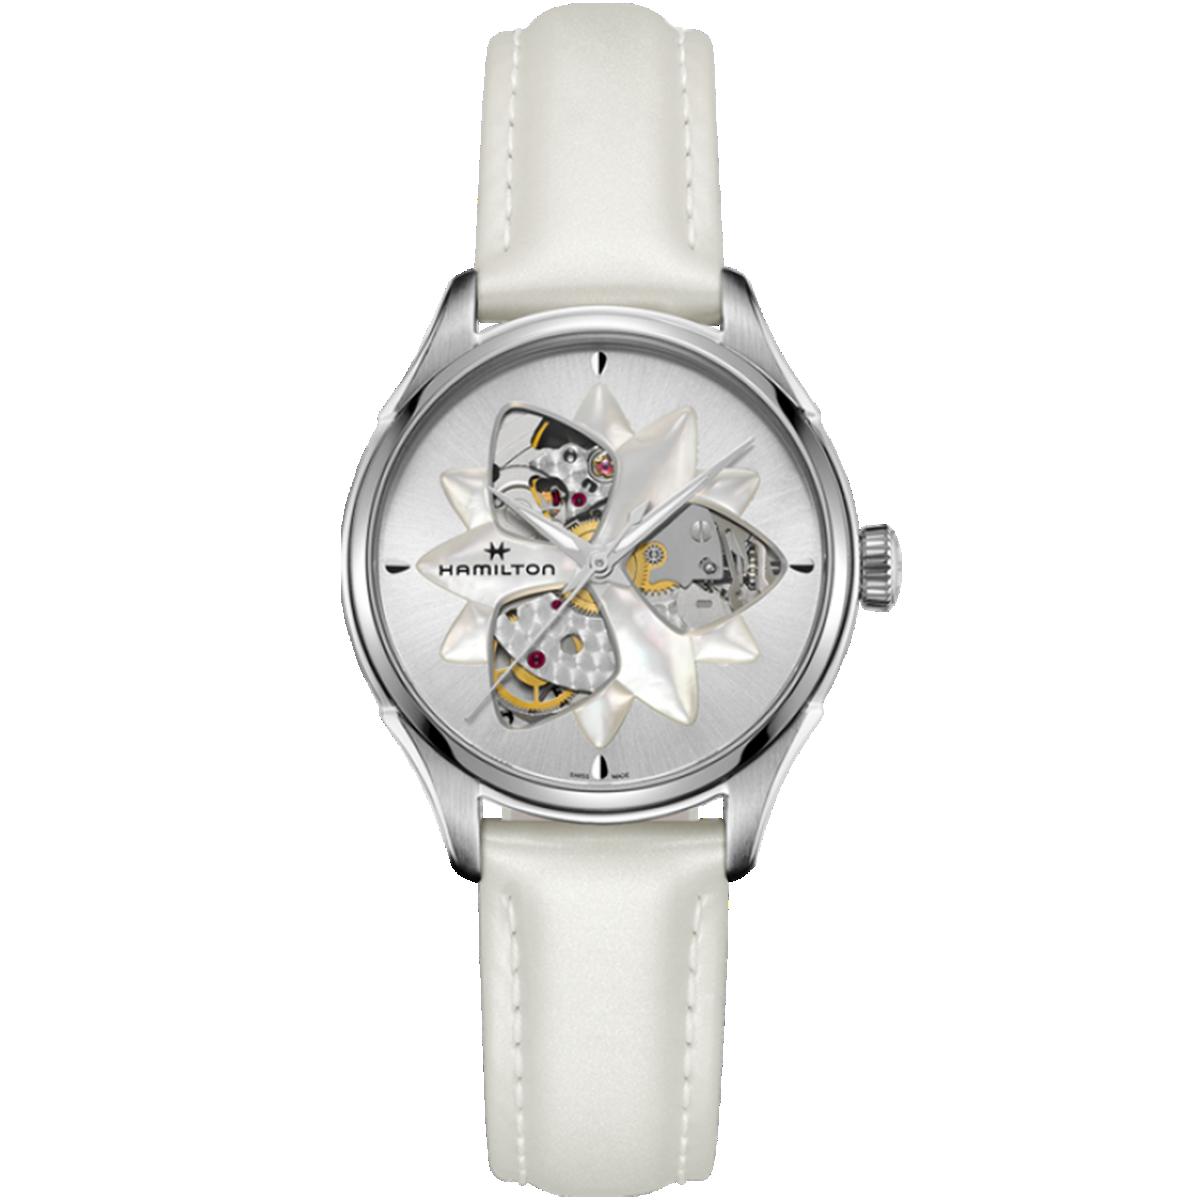 đồng hồ hamilton chính hãng